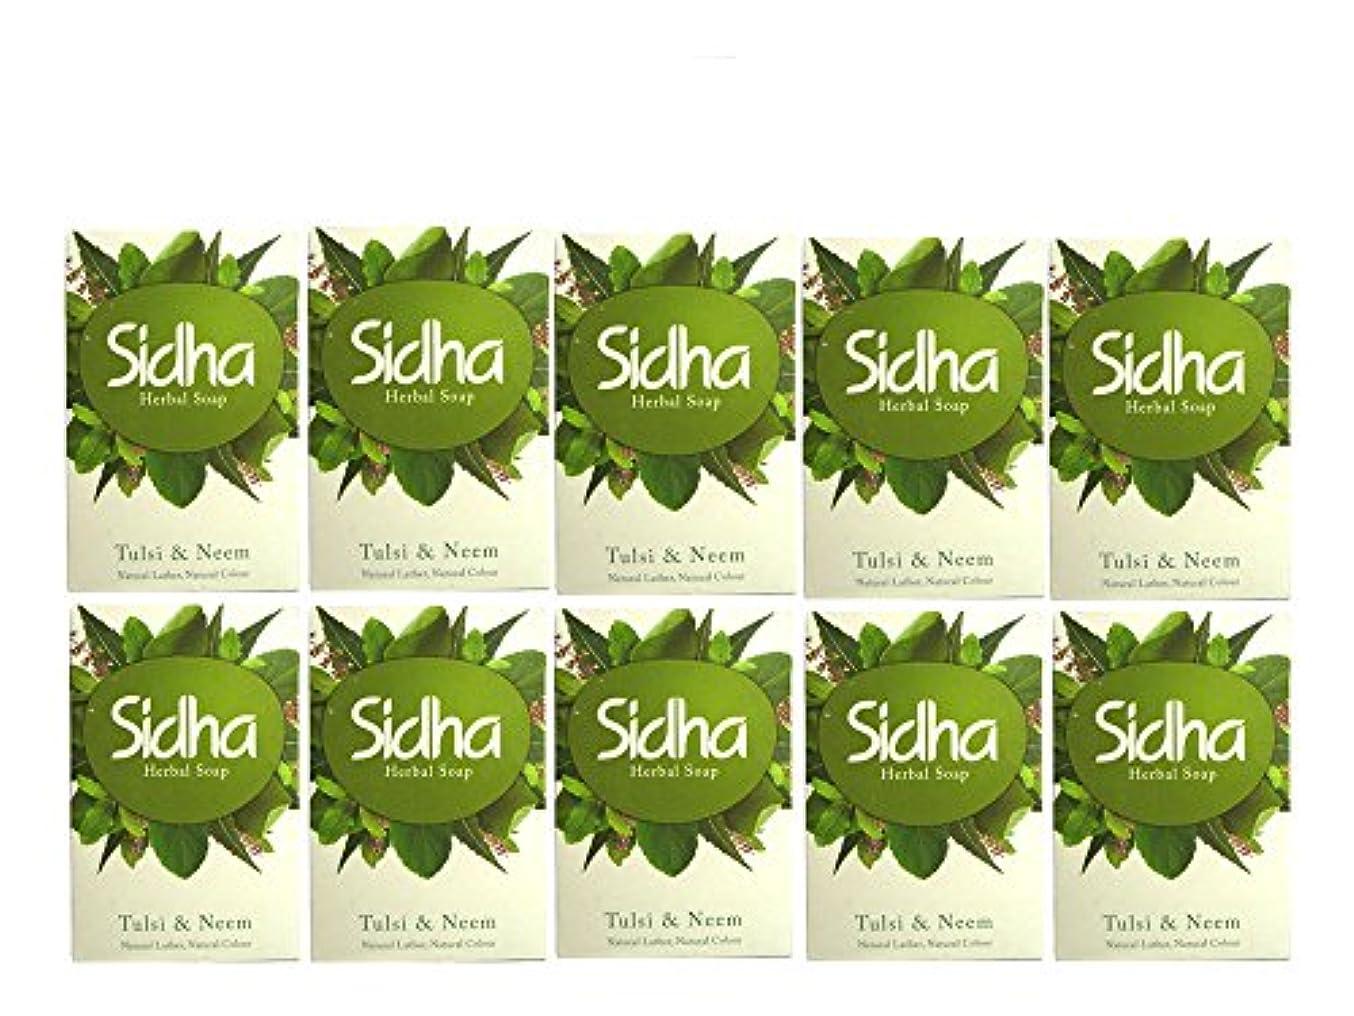 パック糞ジュニアSIHDH Herbal Soap Tulsi & Neem シダー ハ-バル ソープ 75g 10個セット